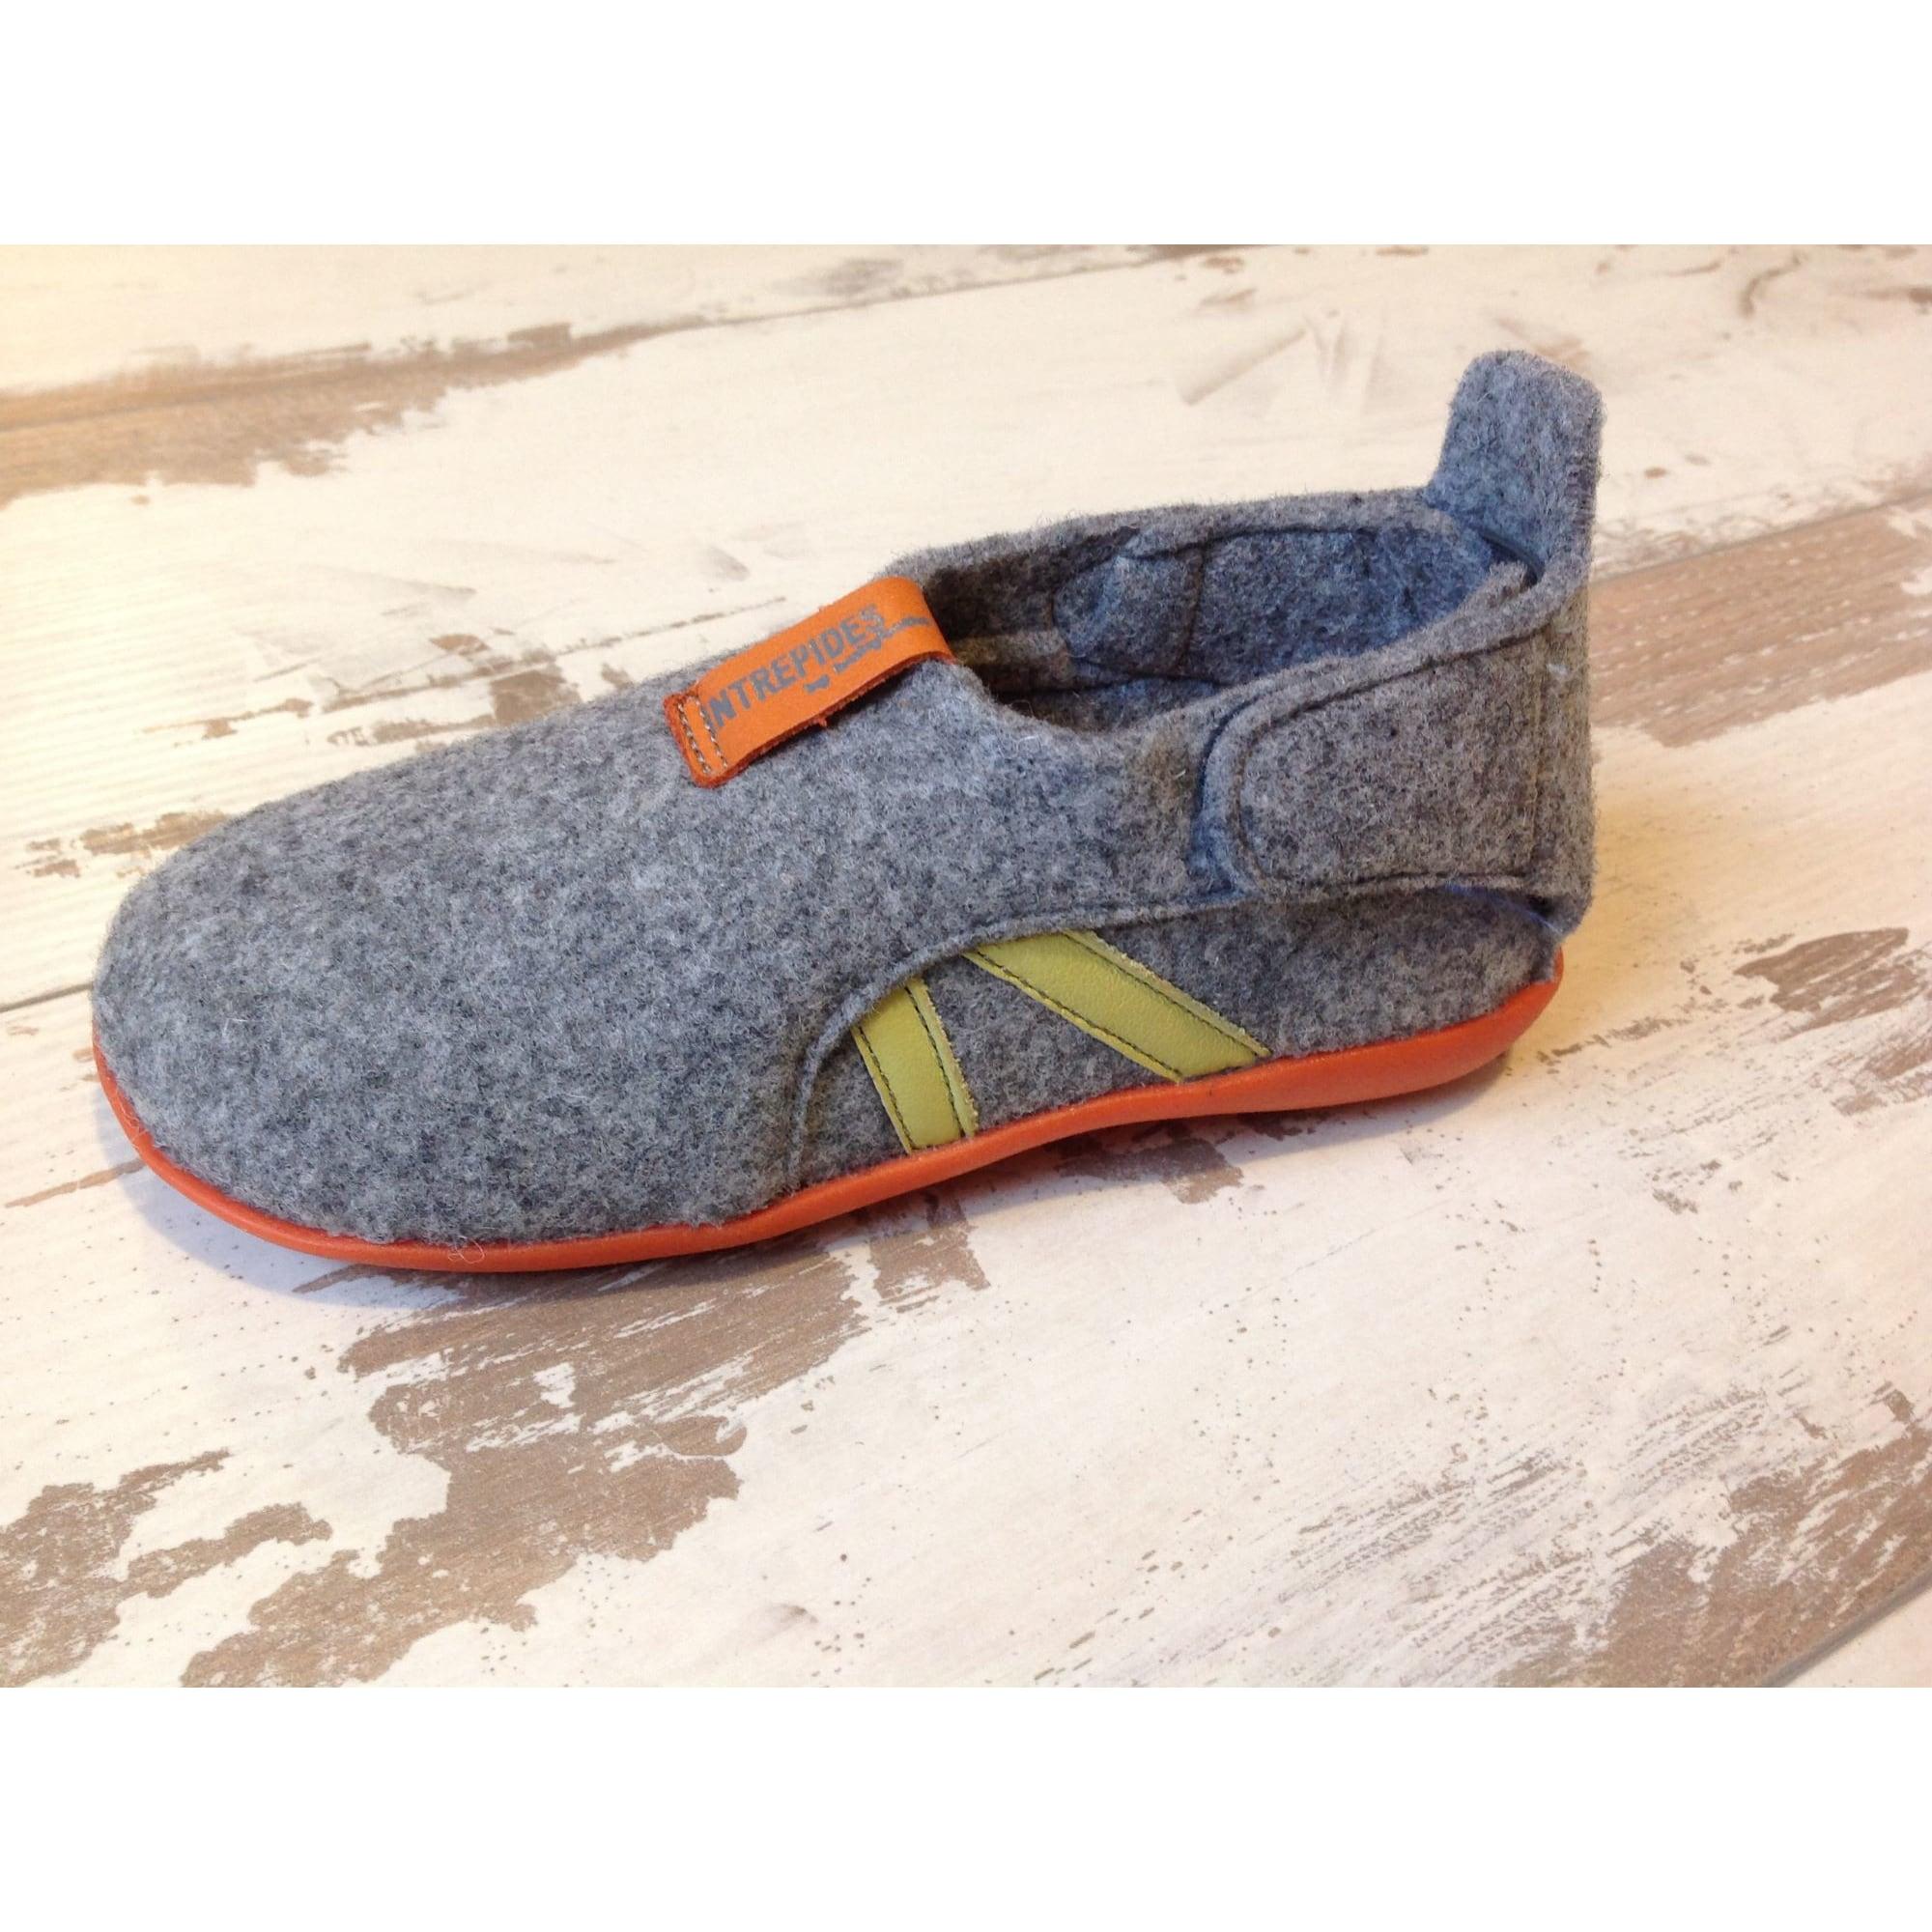 e82a42feef6d8 Chaussons   pantoufles BABYBOTTE 29 gris - 8314838